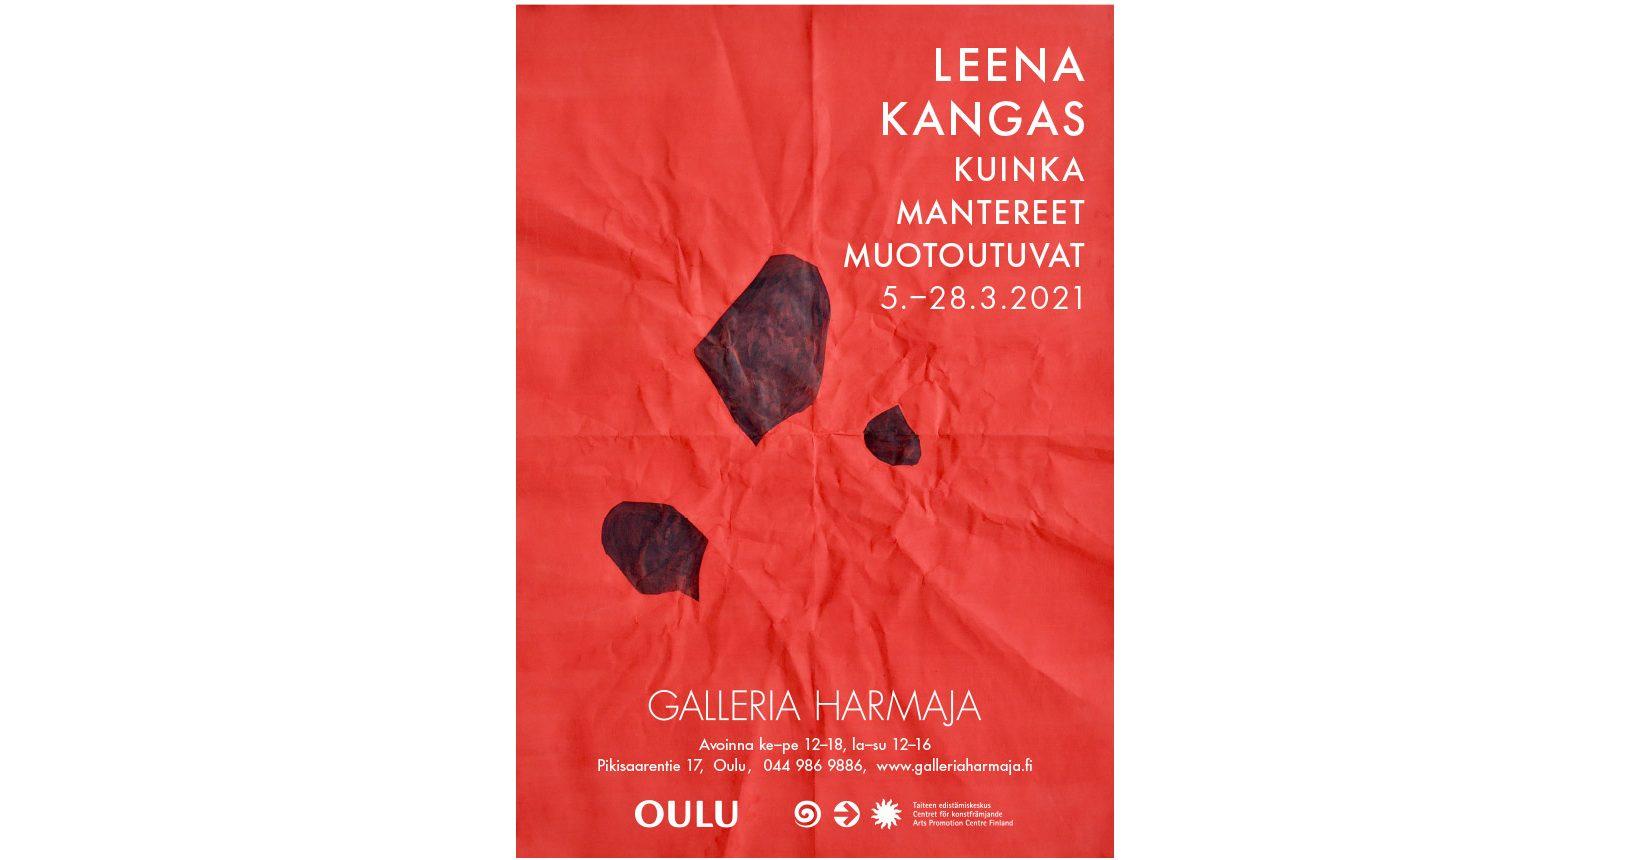 Leena Kangas: Kuinka mantereet muotoutuvat